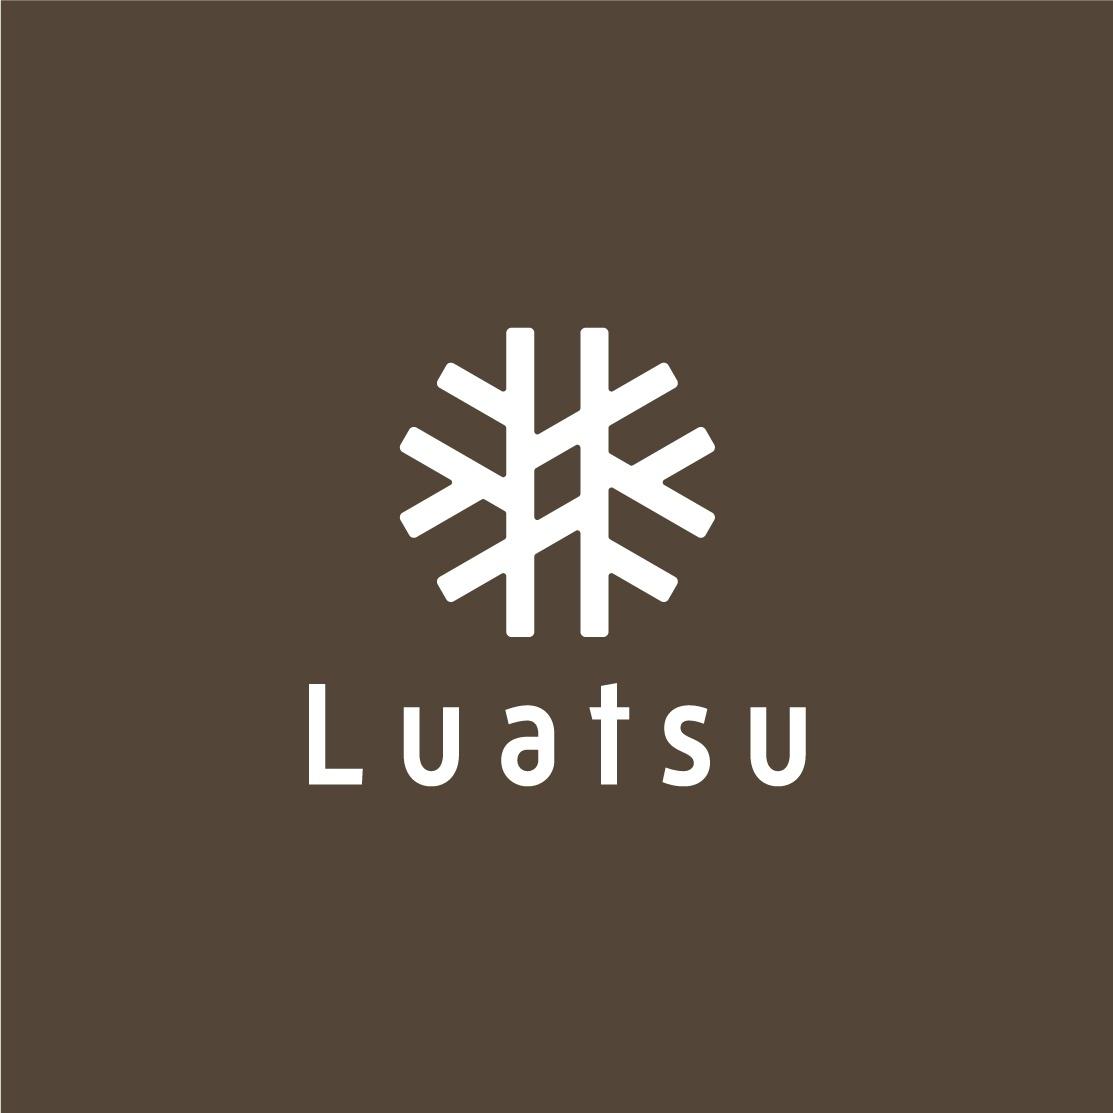 Luatsu